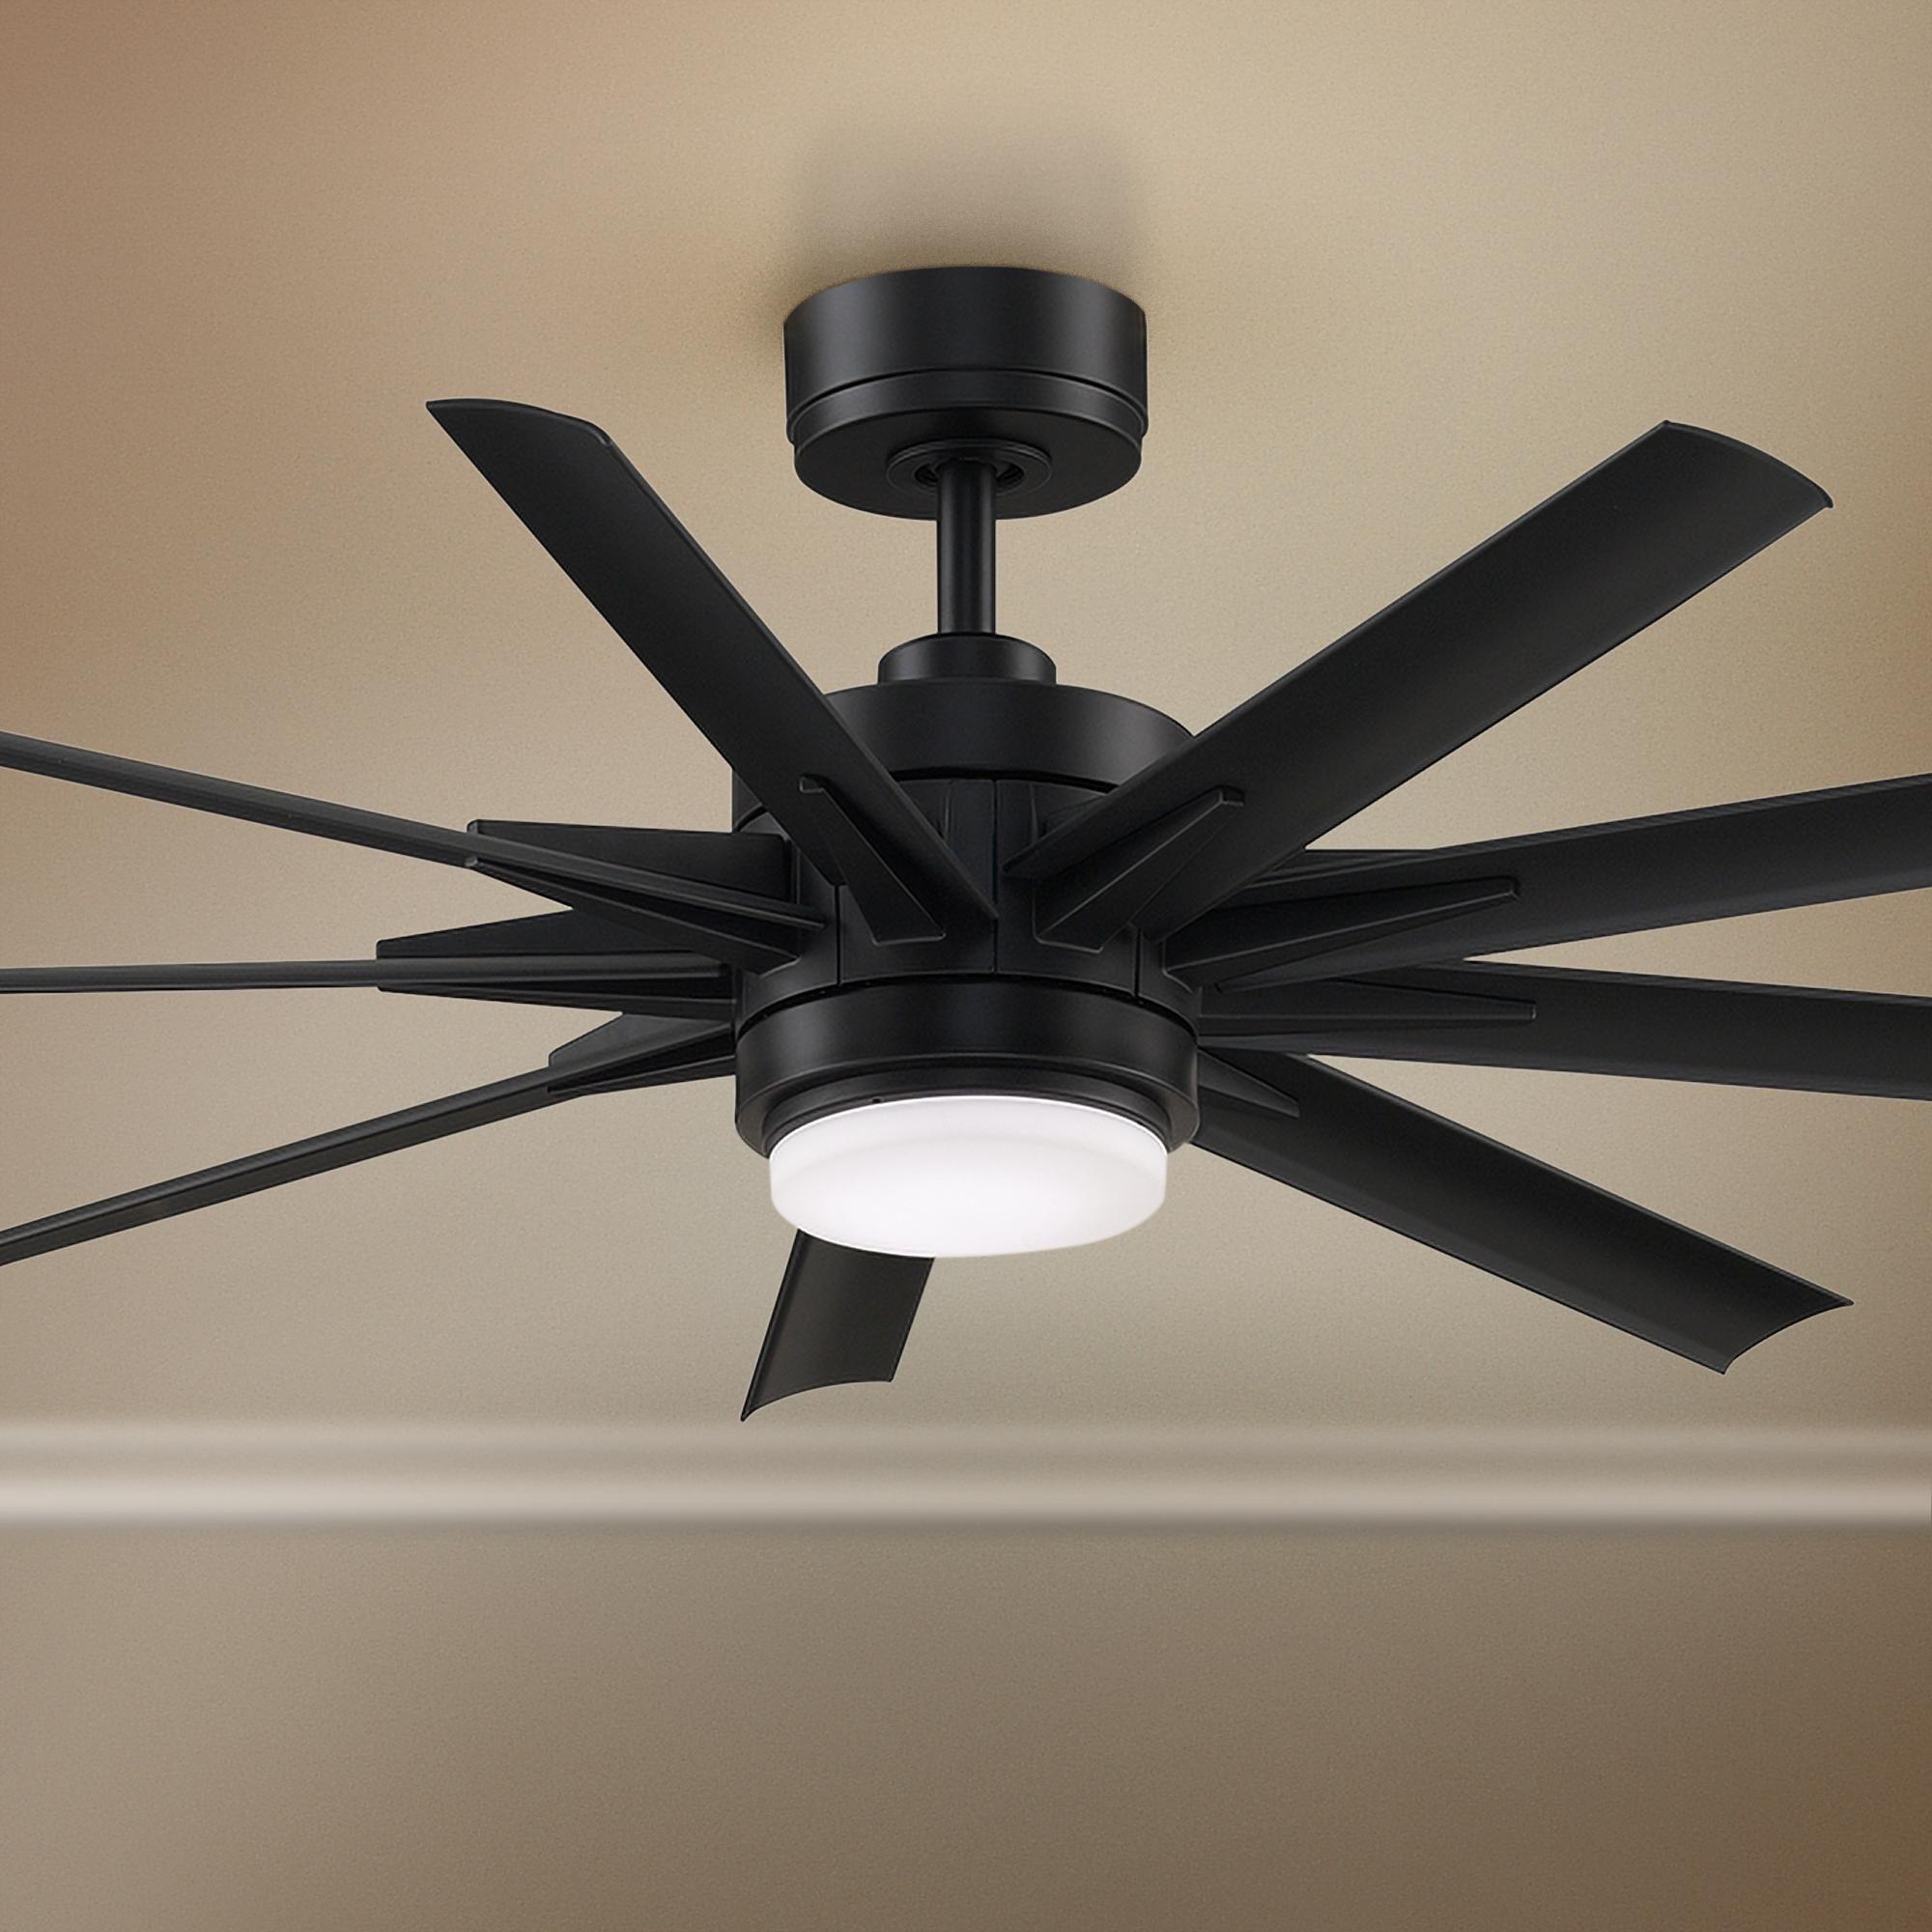 72 Fanimation Odyn Custom Black Led Outdoor Ceiling Fan Led Ceiling Fan Ceiling Fan Outdoor Ceiling Fans 72 inch outdoor ceiling fan